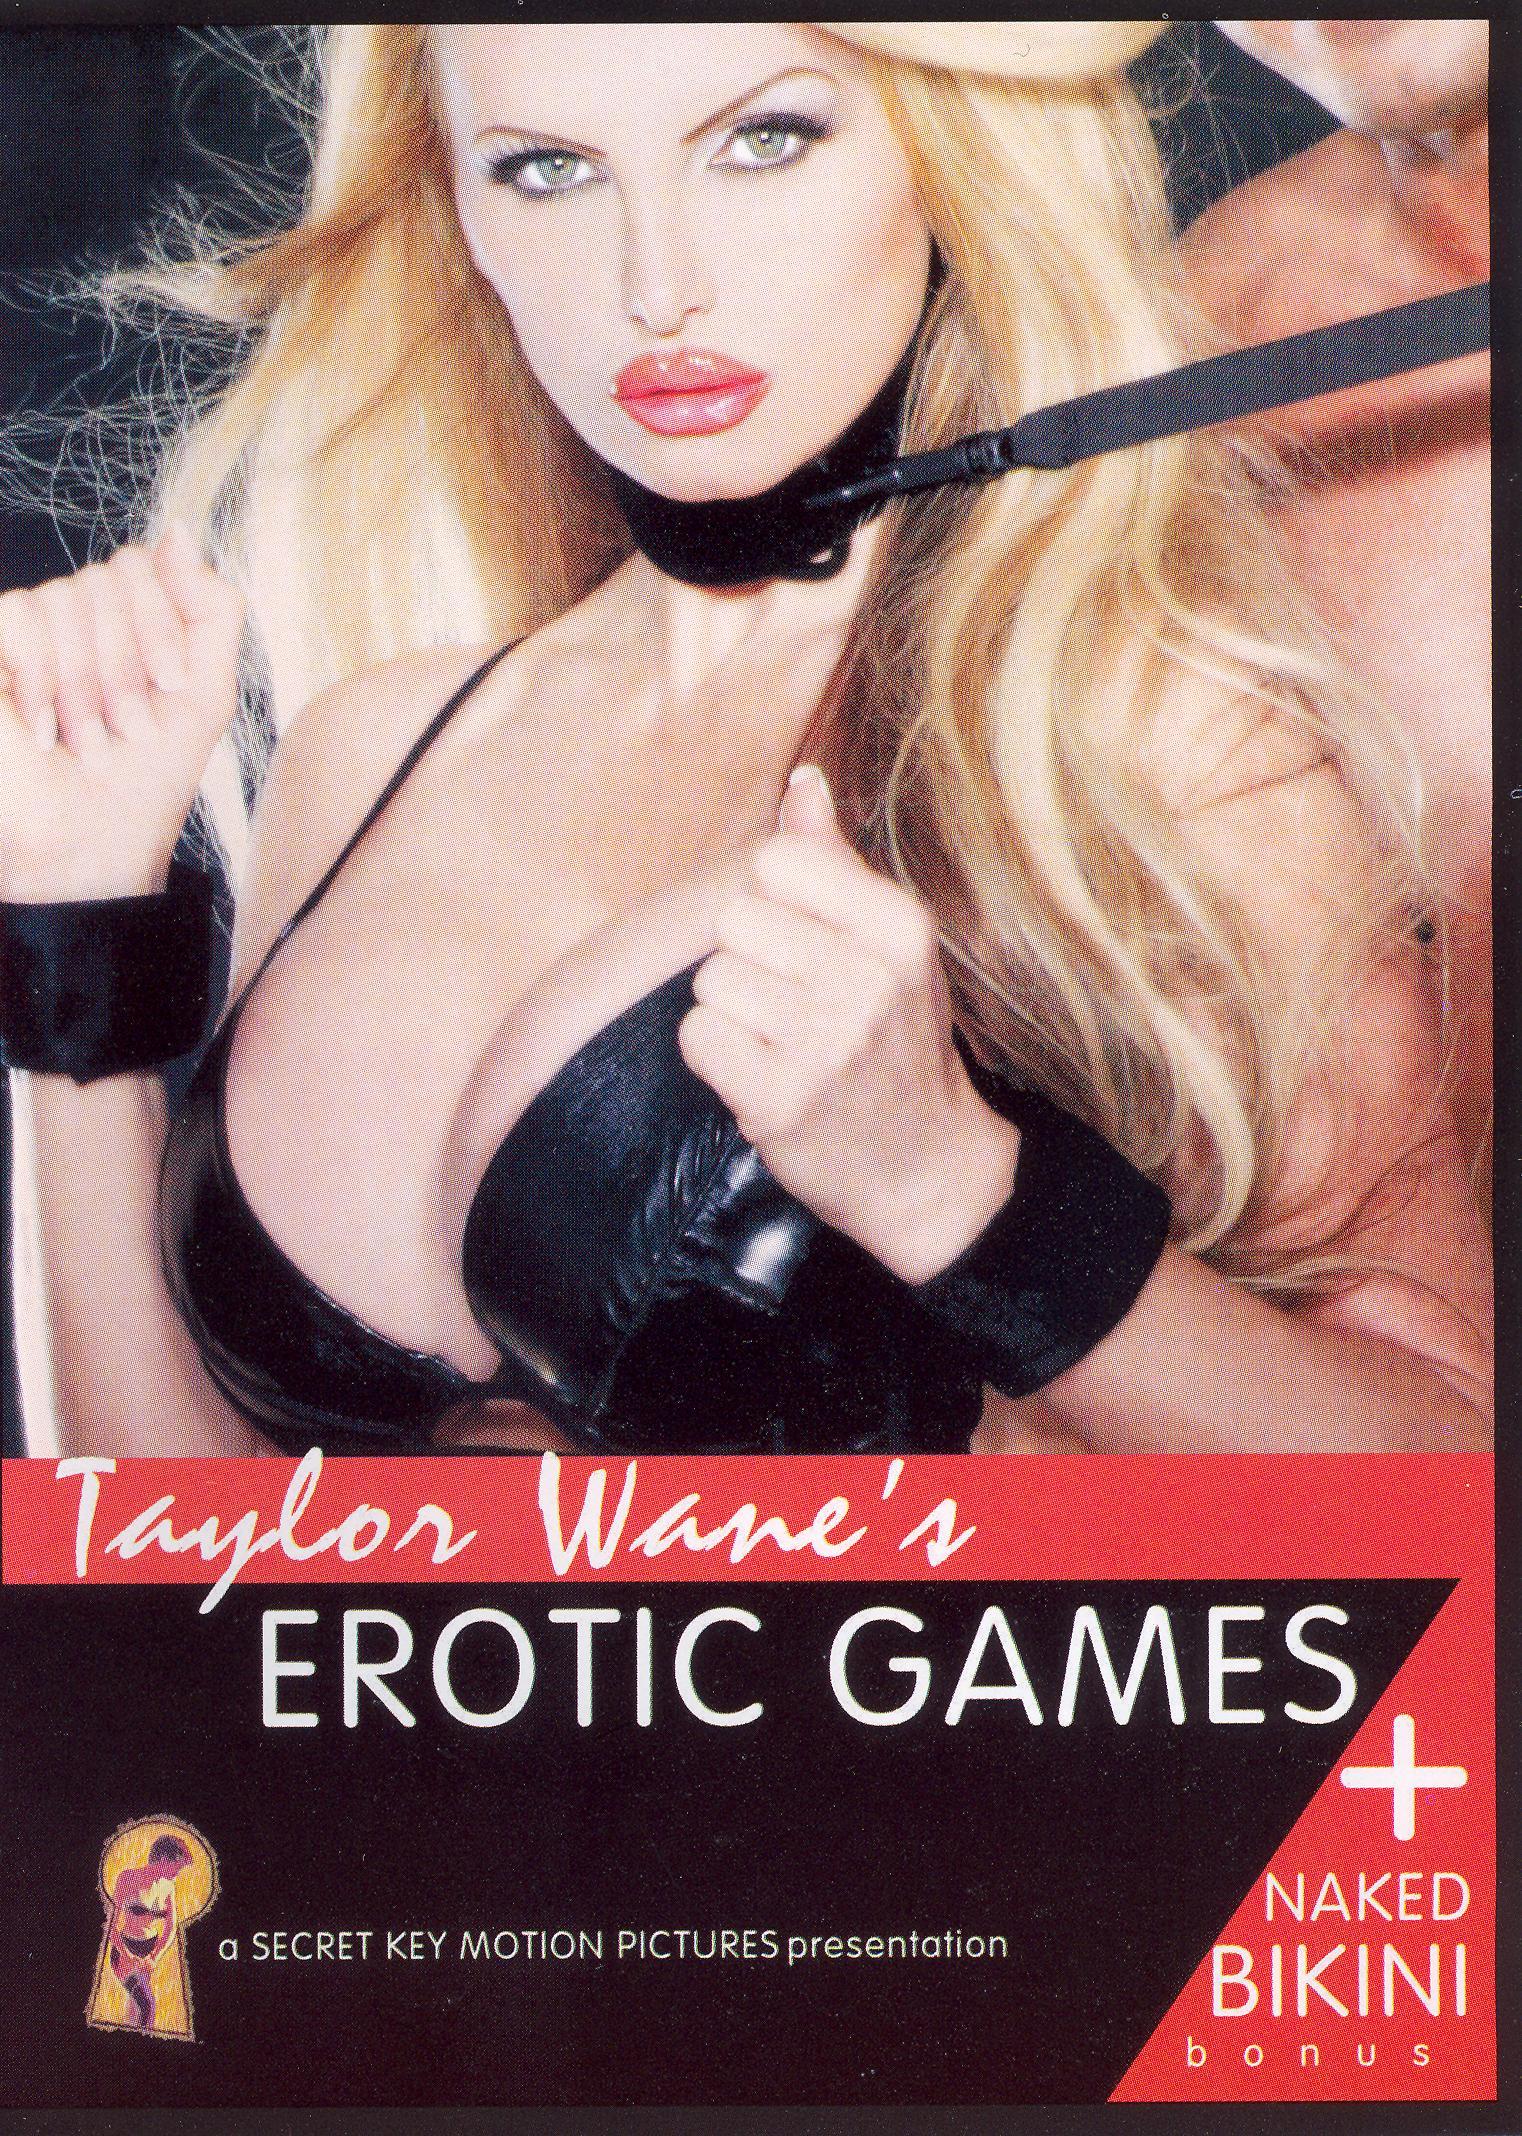 Erotic pornoic erotic images